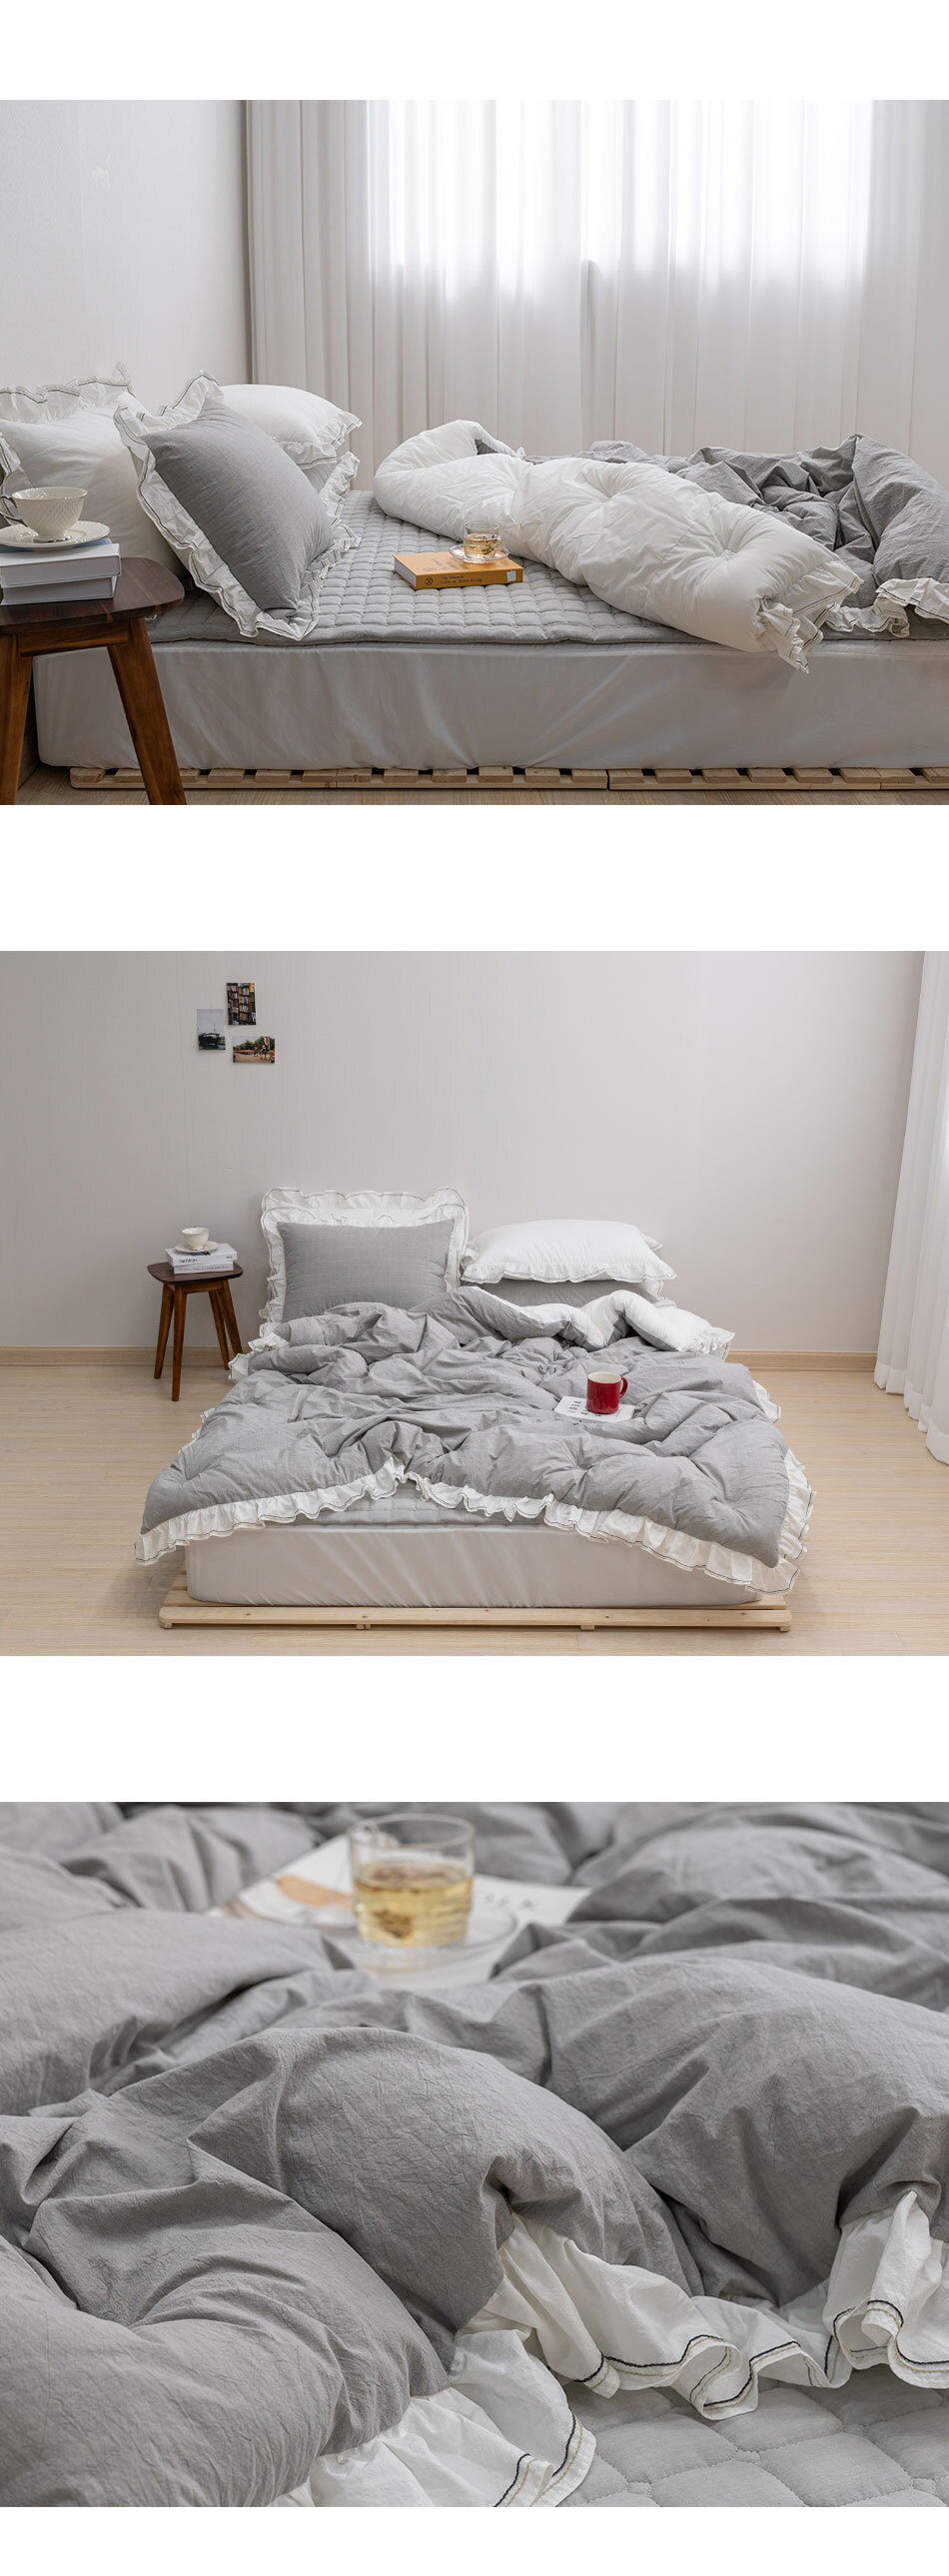 stay_bed_gray1.jpg